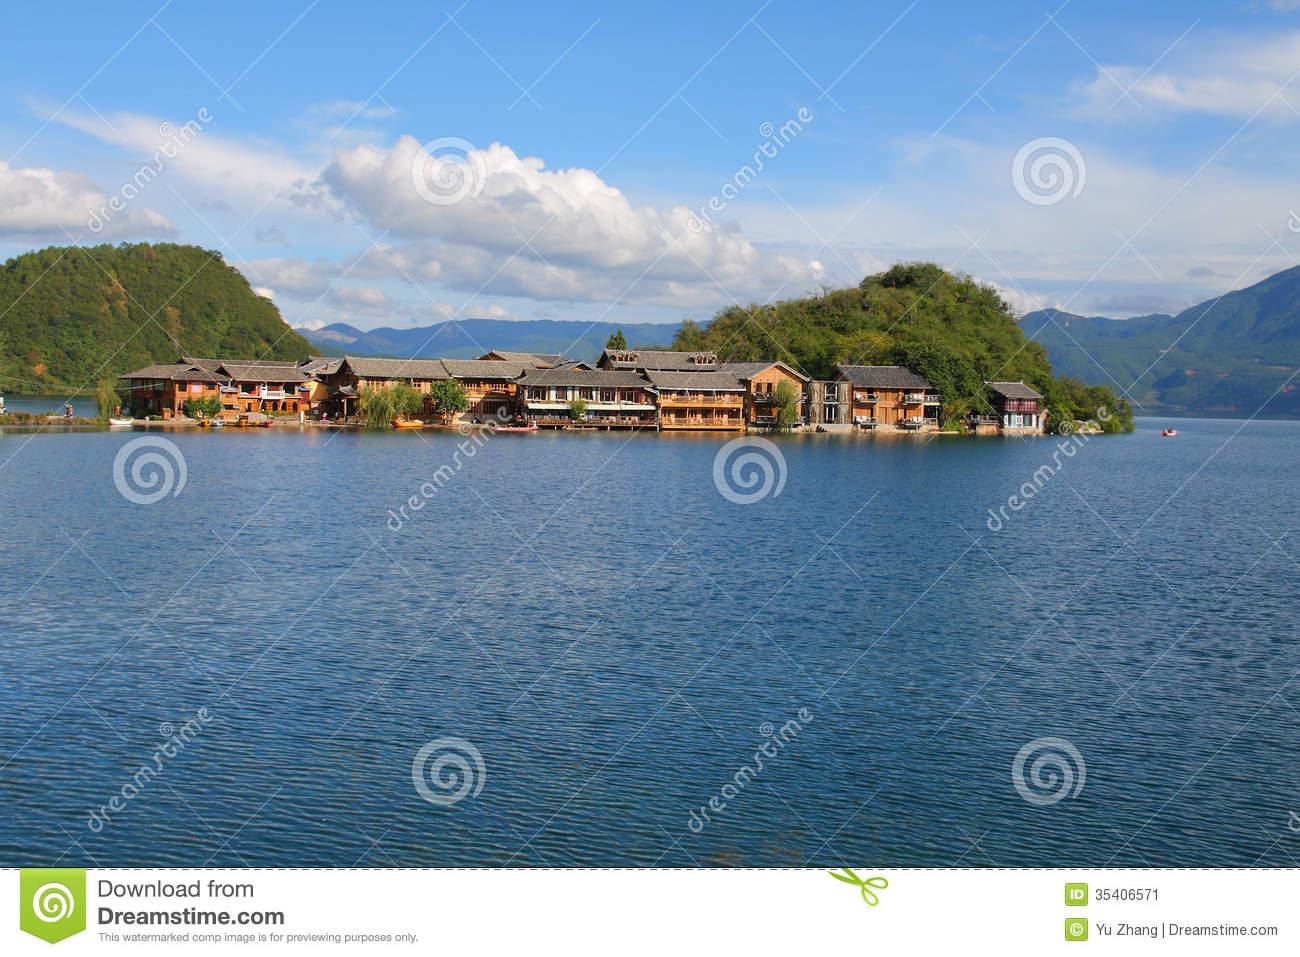 Lige Island In The Lugu Lake, Yunnan, China Stock Image.